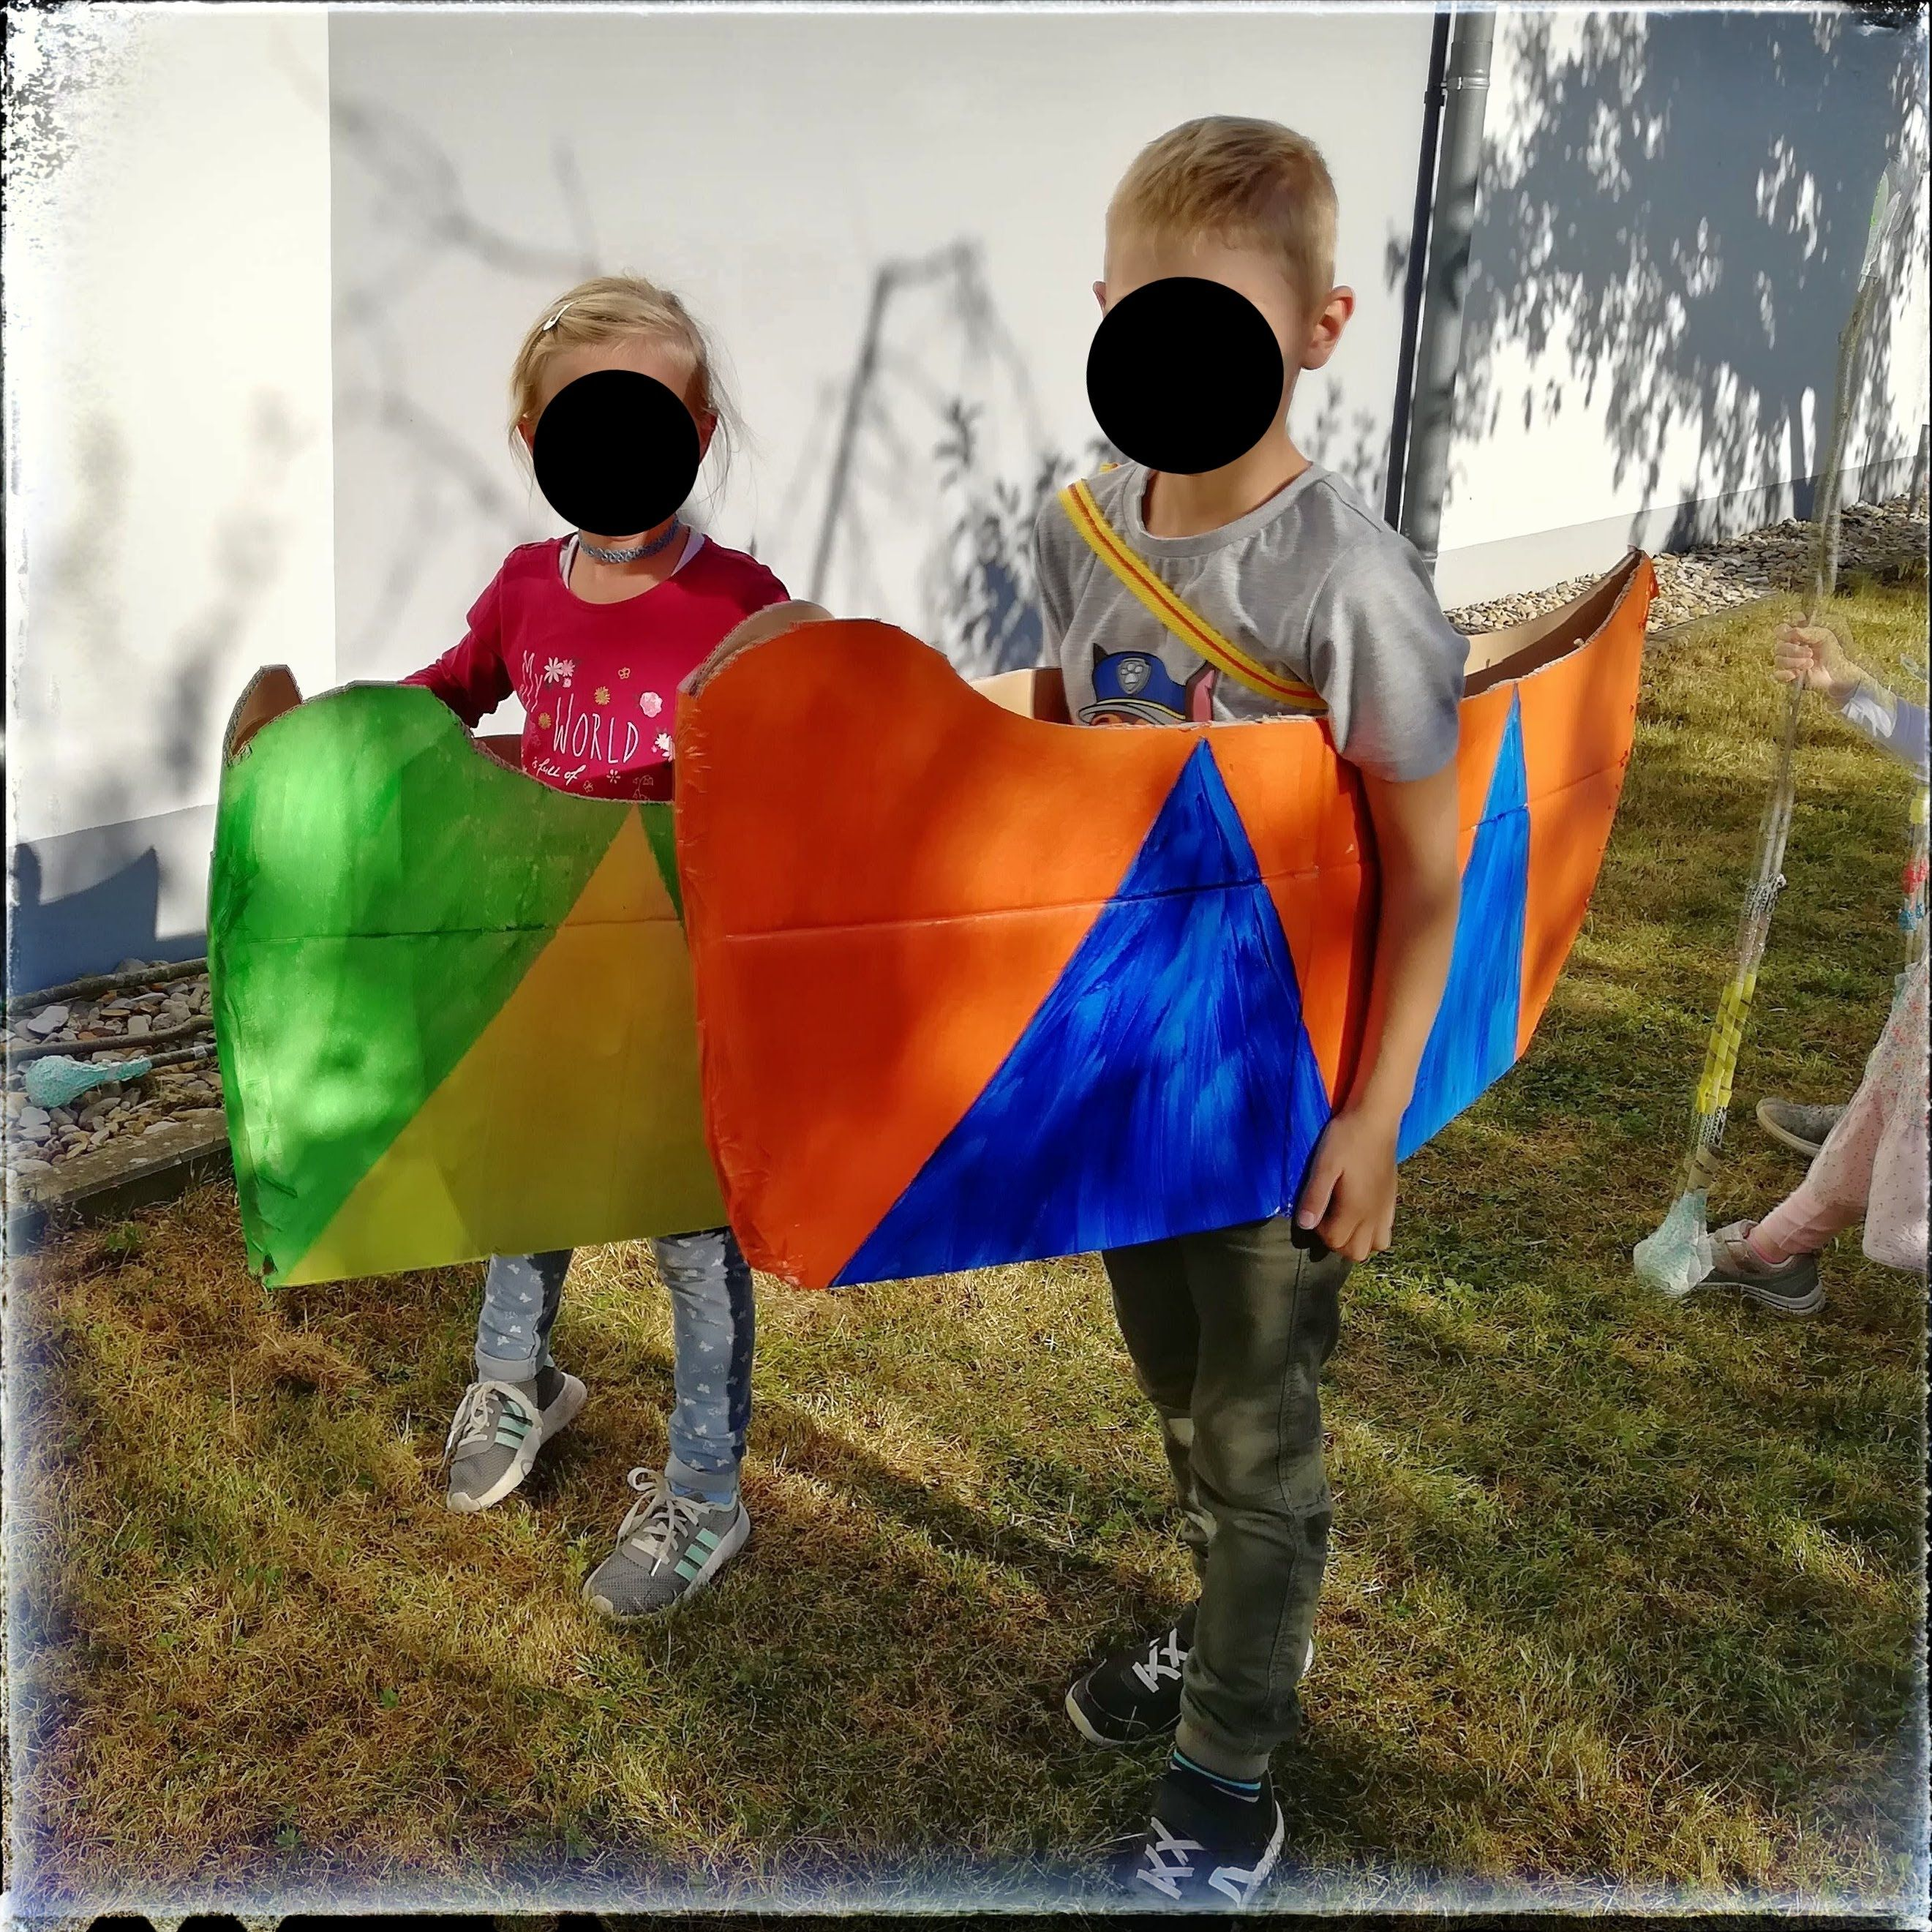 Kindergeburtstag Indianer Grosses Powwow Bei Krummer Bach Von Knall Bis Bunt In 2020 Kindergeburtstag Kinder Indianer